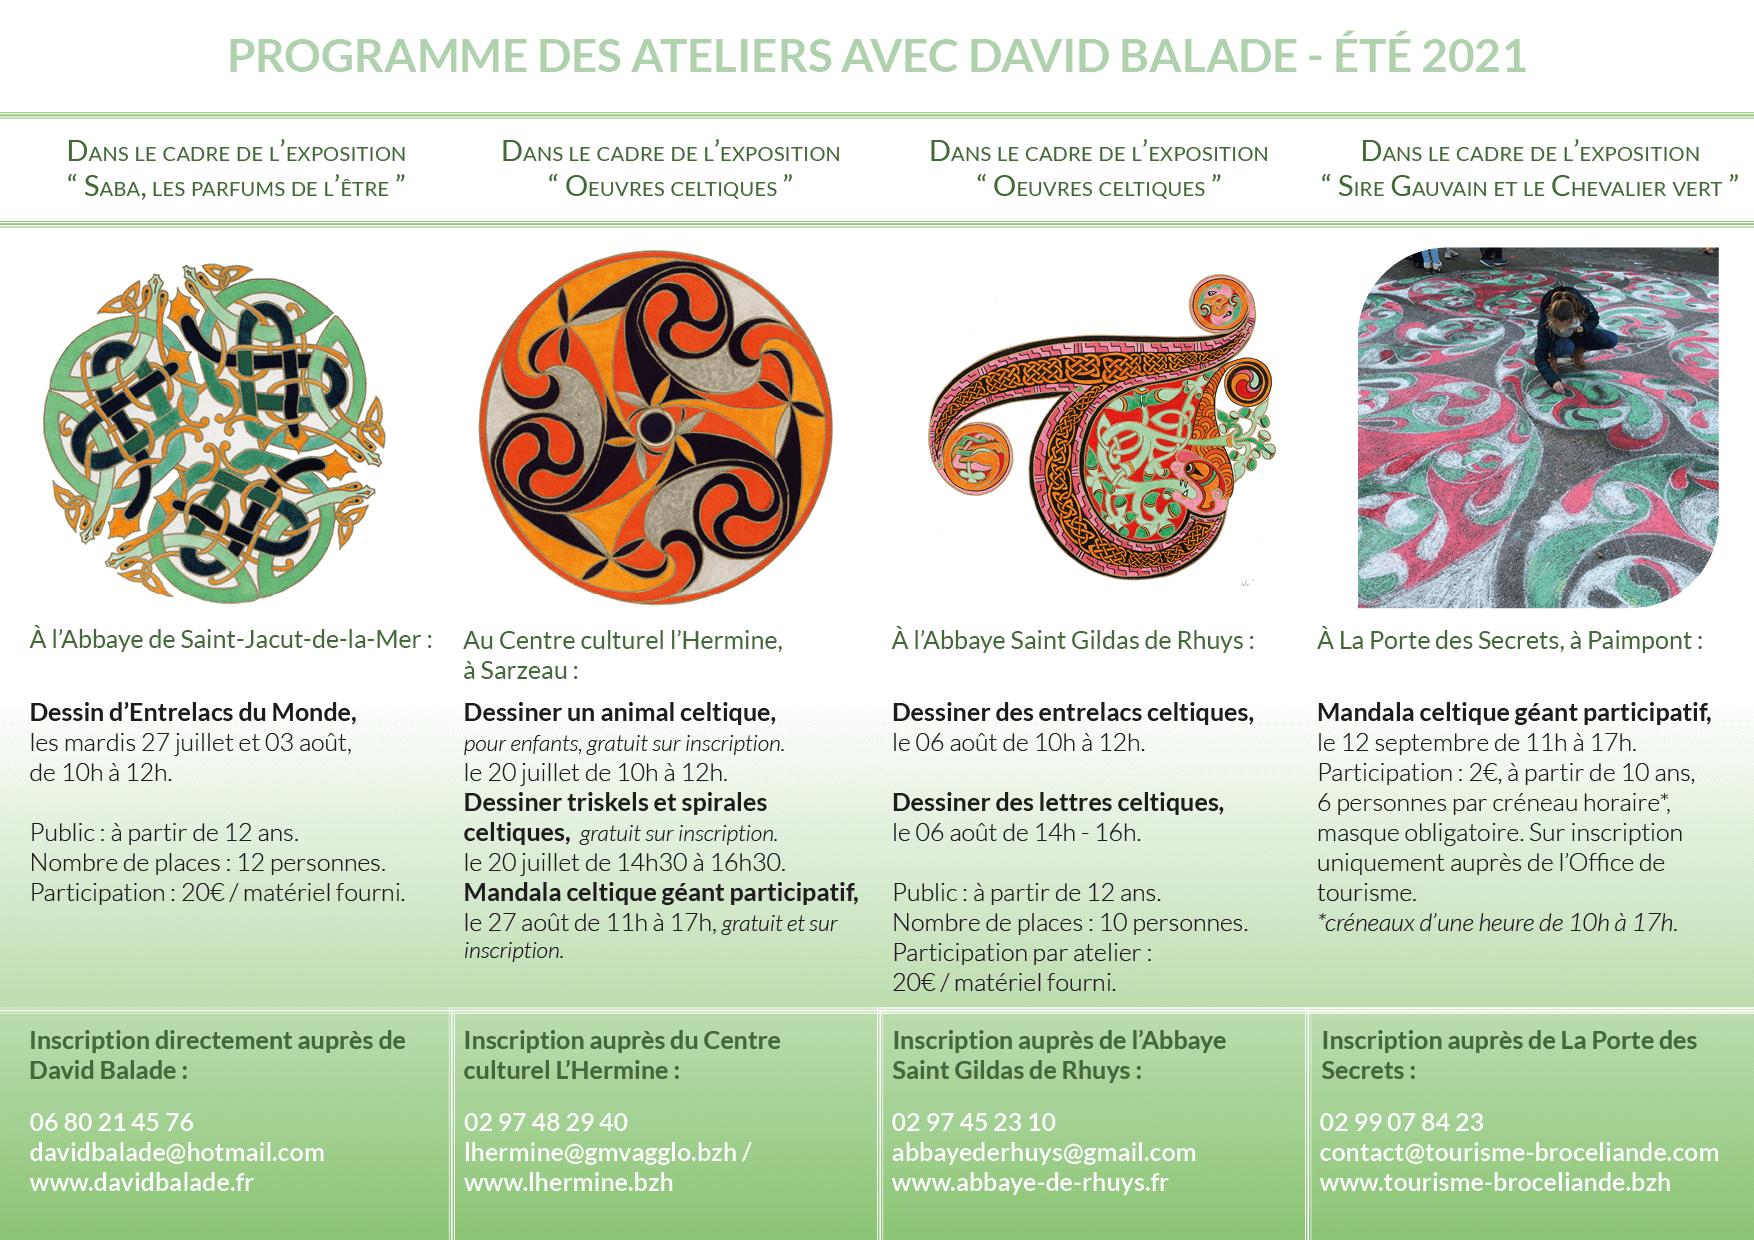 Programme des ateliers de dessin et mandalas avec David BALAdE cet été 2021